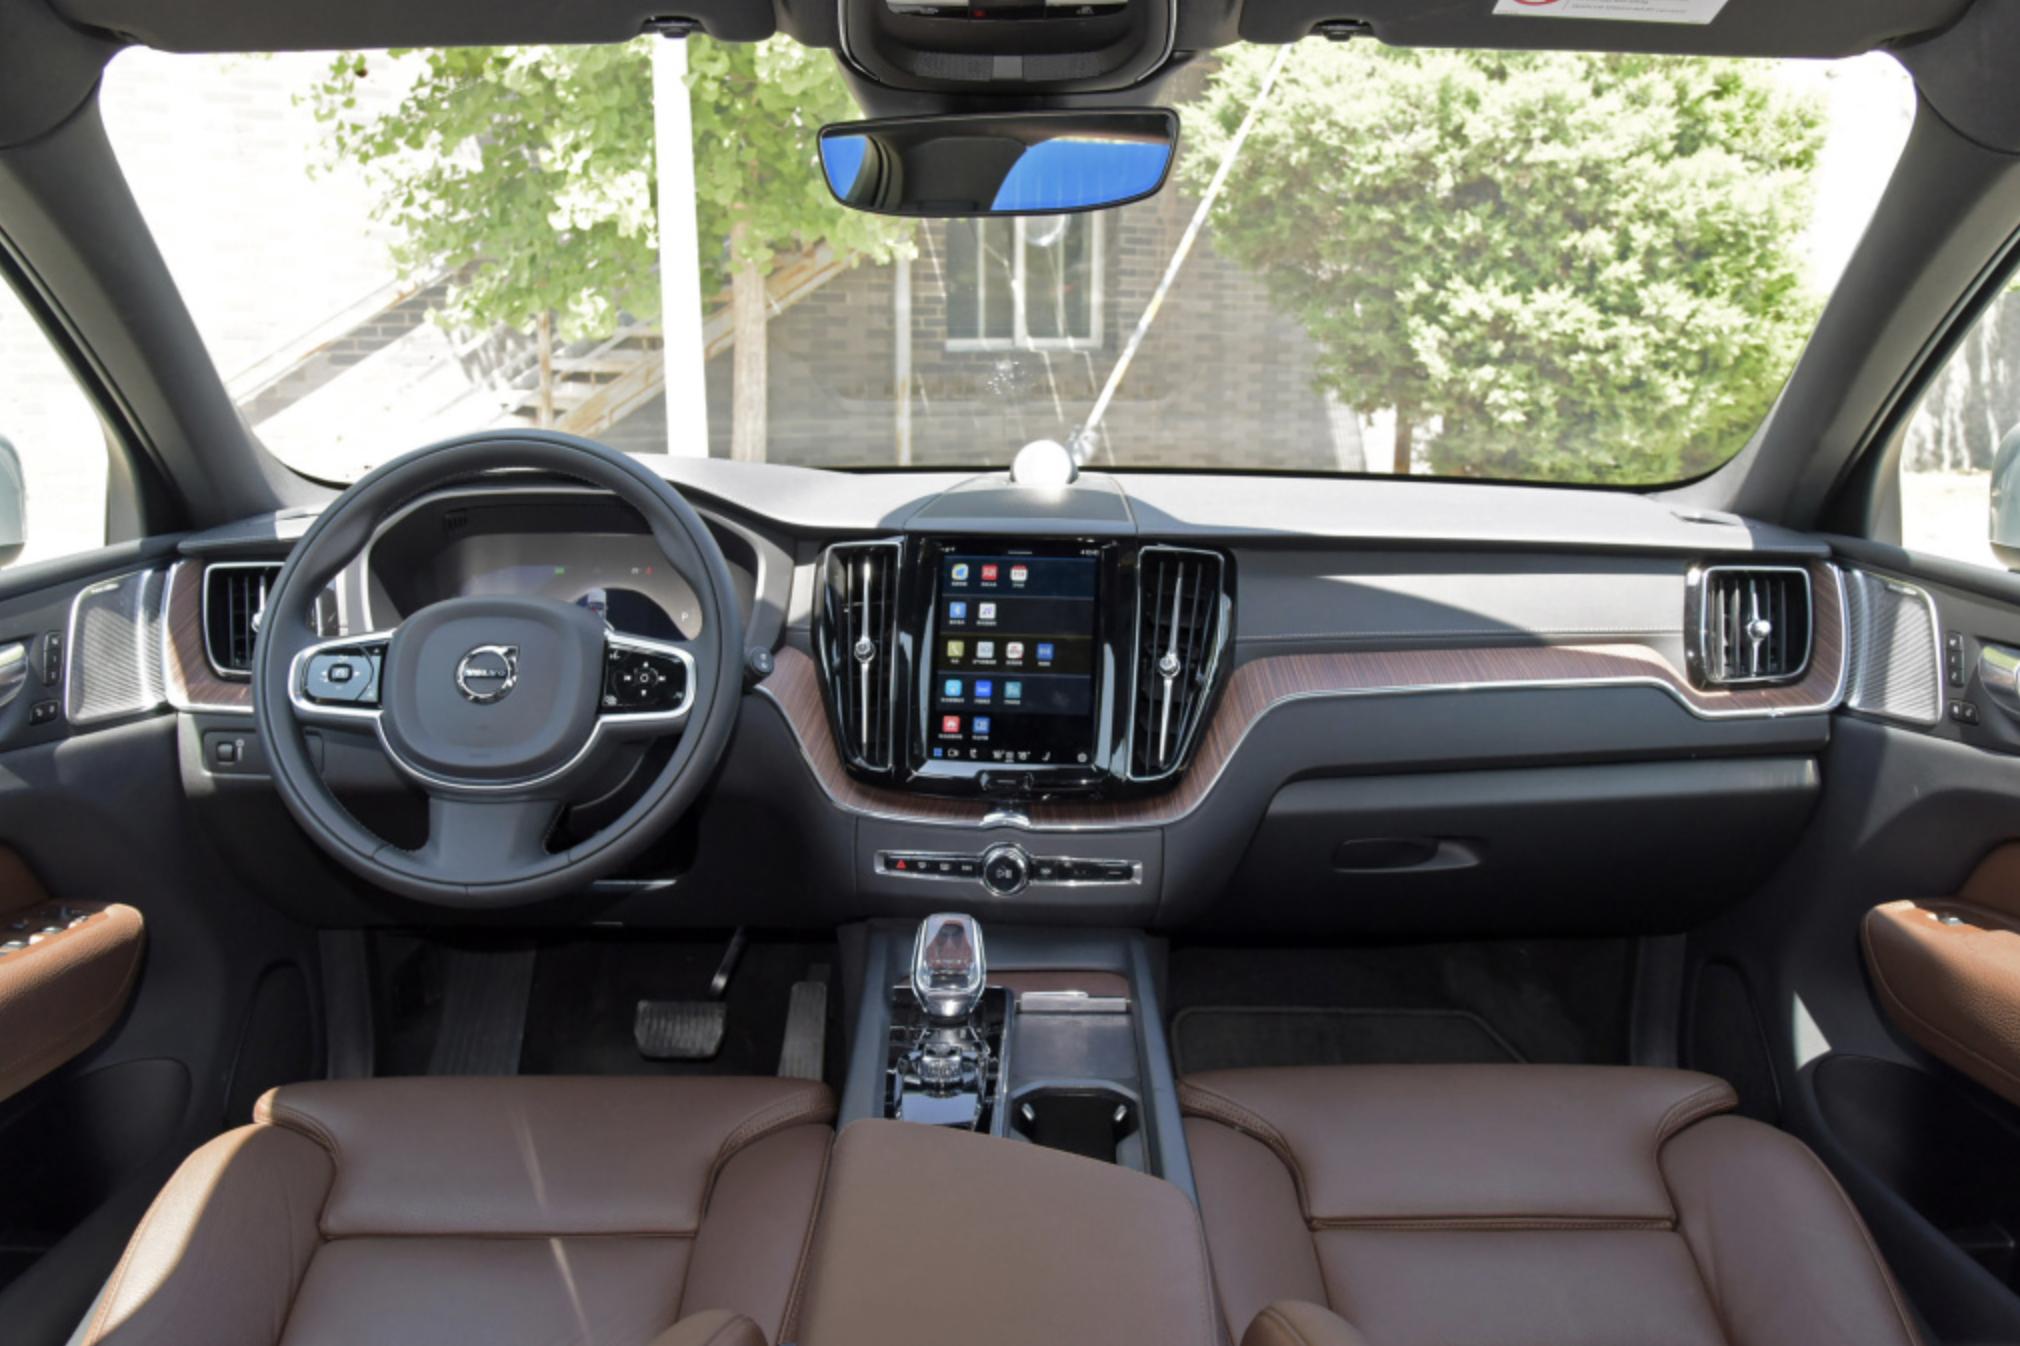 2022款沃尔沃XC60来了,动力与配置全面升级,40万元买它值不值?